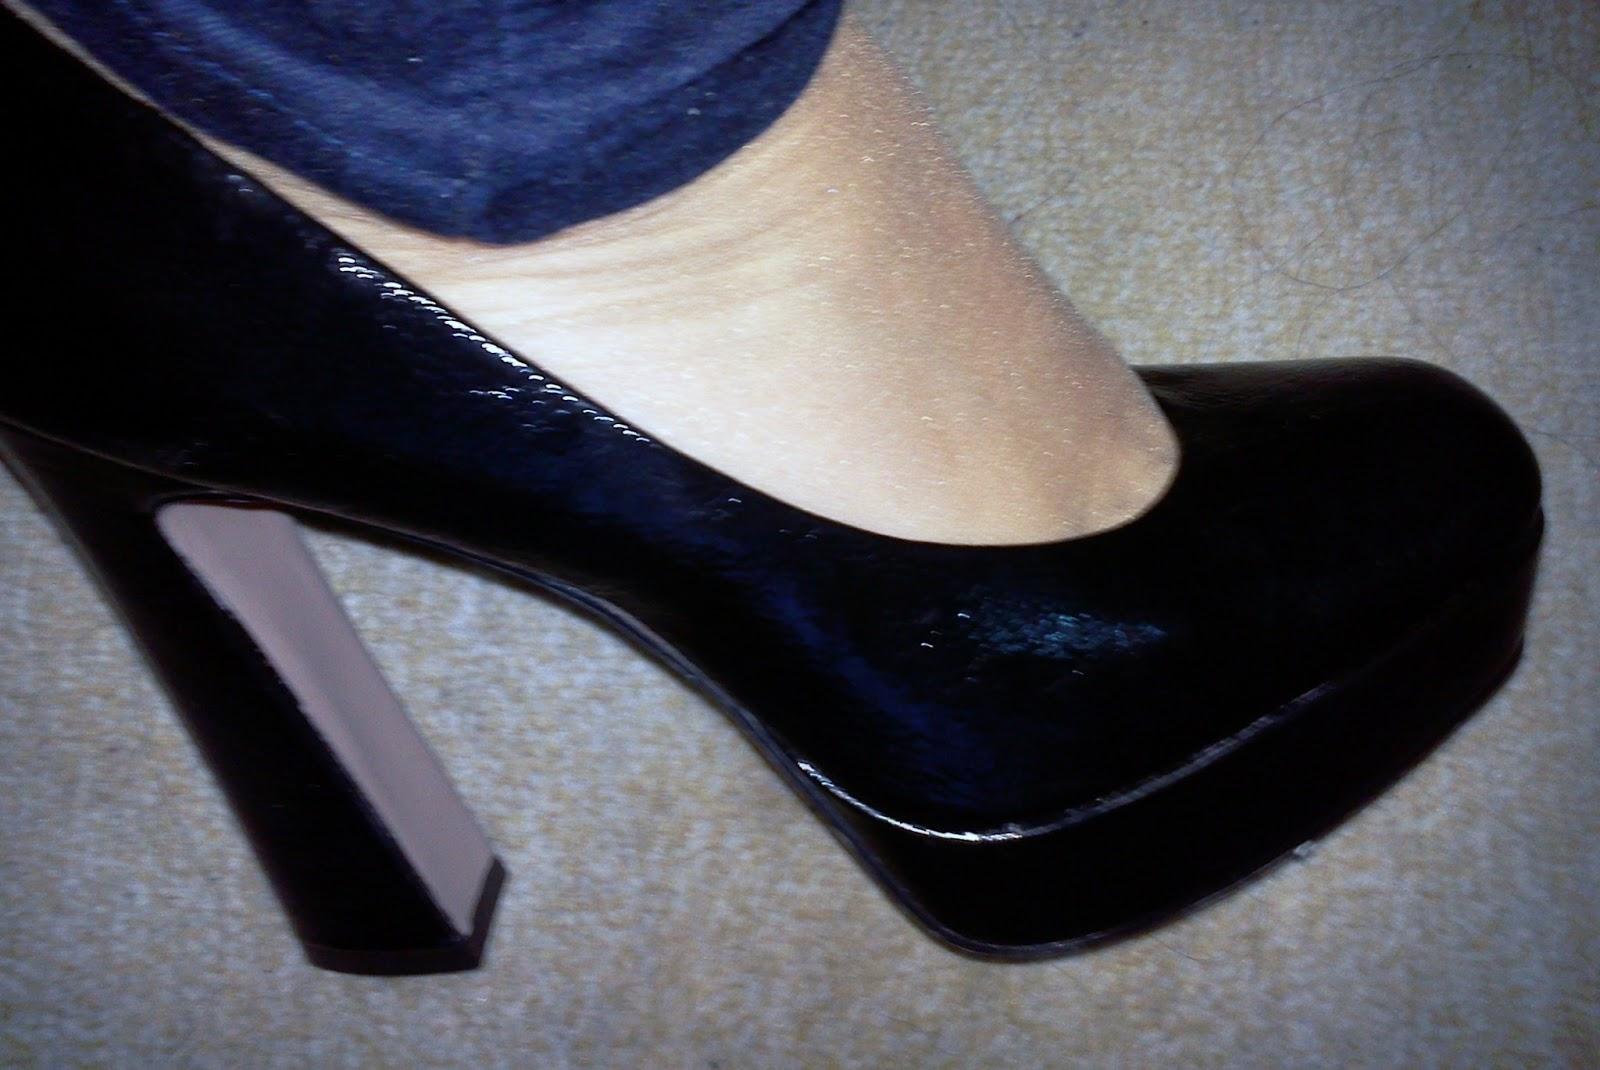 Deichmann indirimi-3 al iki öde-alışveriş-antares avm-ayakkabı-ayakkabı alışverişi-yeni ayakkabı-topuklu-kalın topuk siyah ayakkabı-süet topuklu